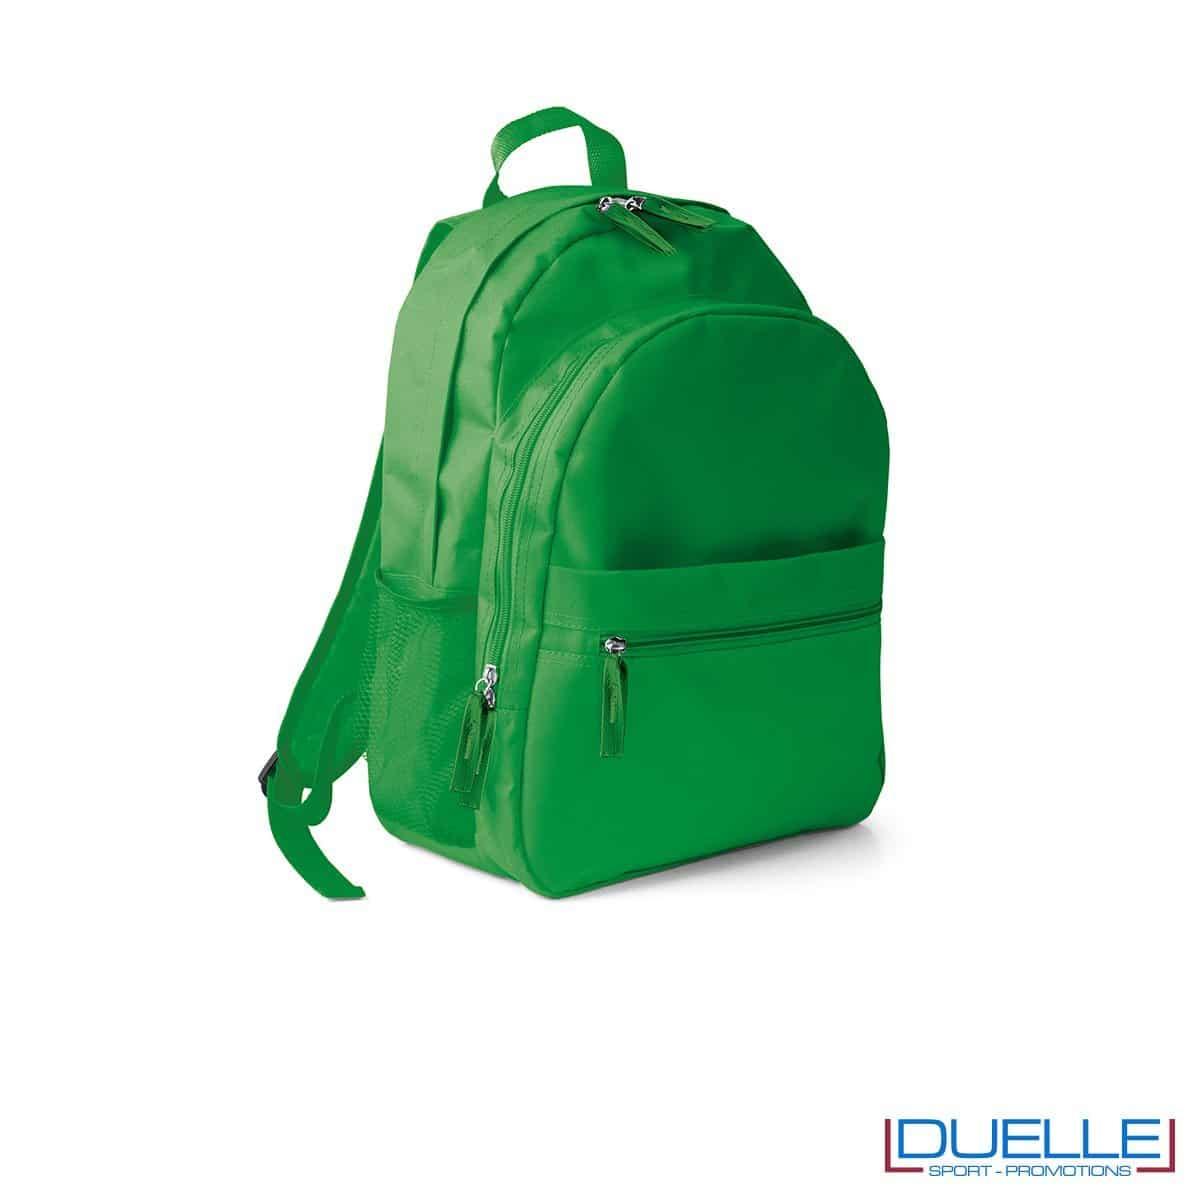 zaino personalizzato verde, zaino per lo sport e il tempo libero - zaino economico personalizzato